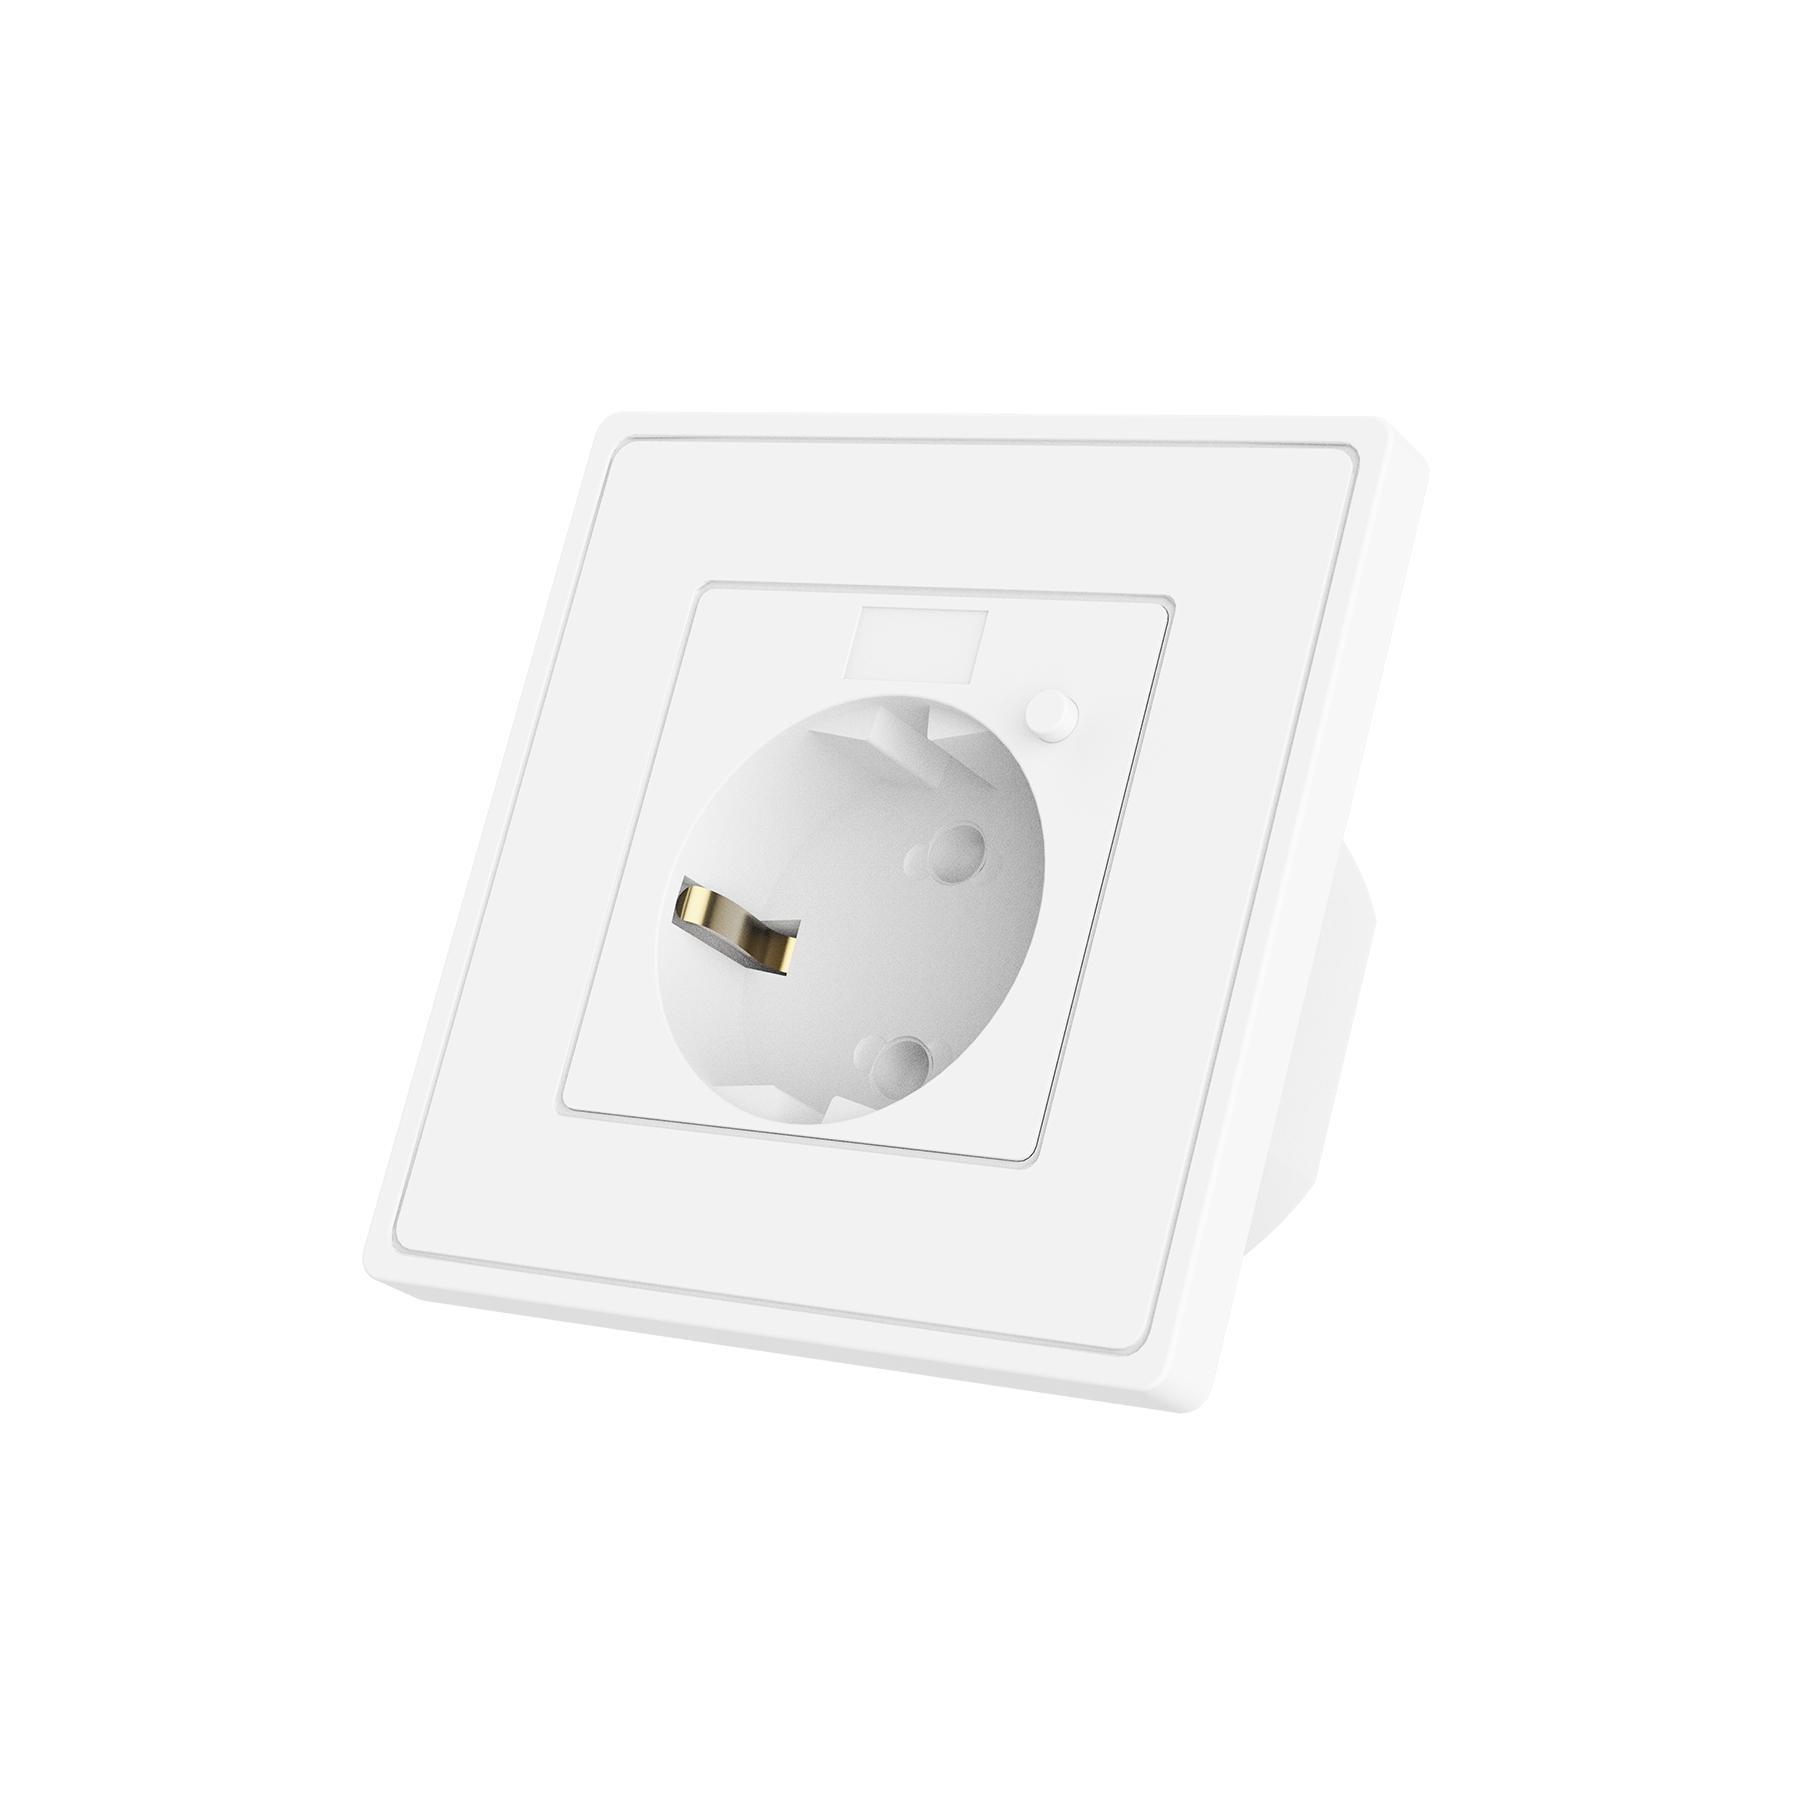 Woox R4054 - Kabellos - WLAN - 2,412 - 2,484 GHz - 802.11b,802.11g,Wi-Fi 4 (802.11n) - TKIP,WEP,WPA-PSK,WPA2-PSK - Indoor